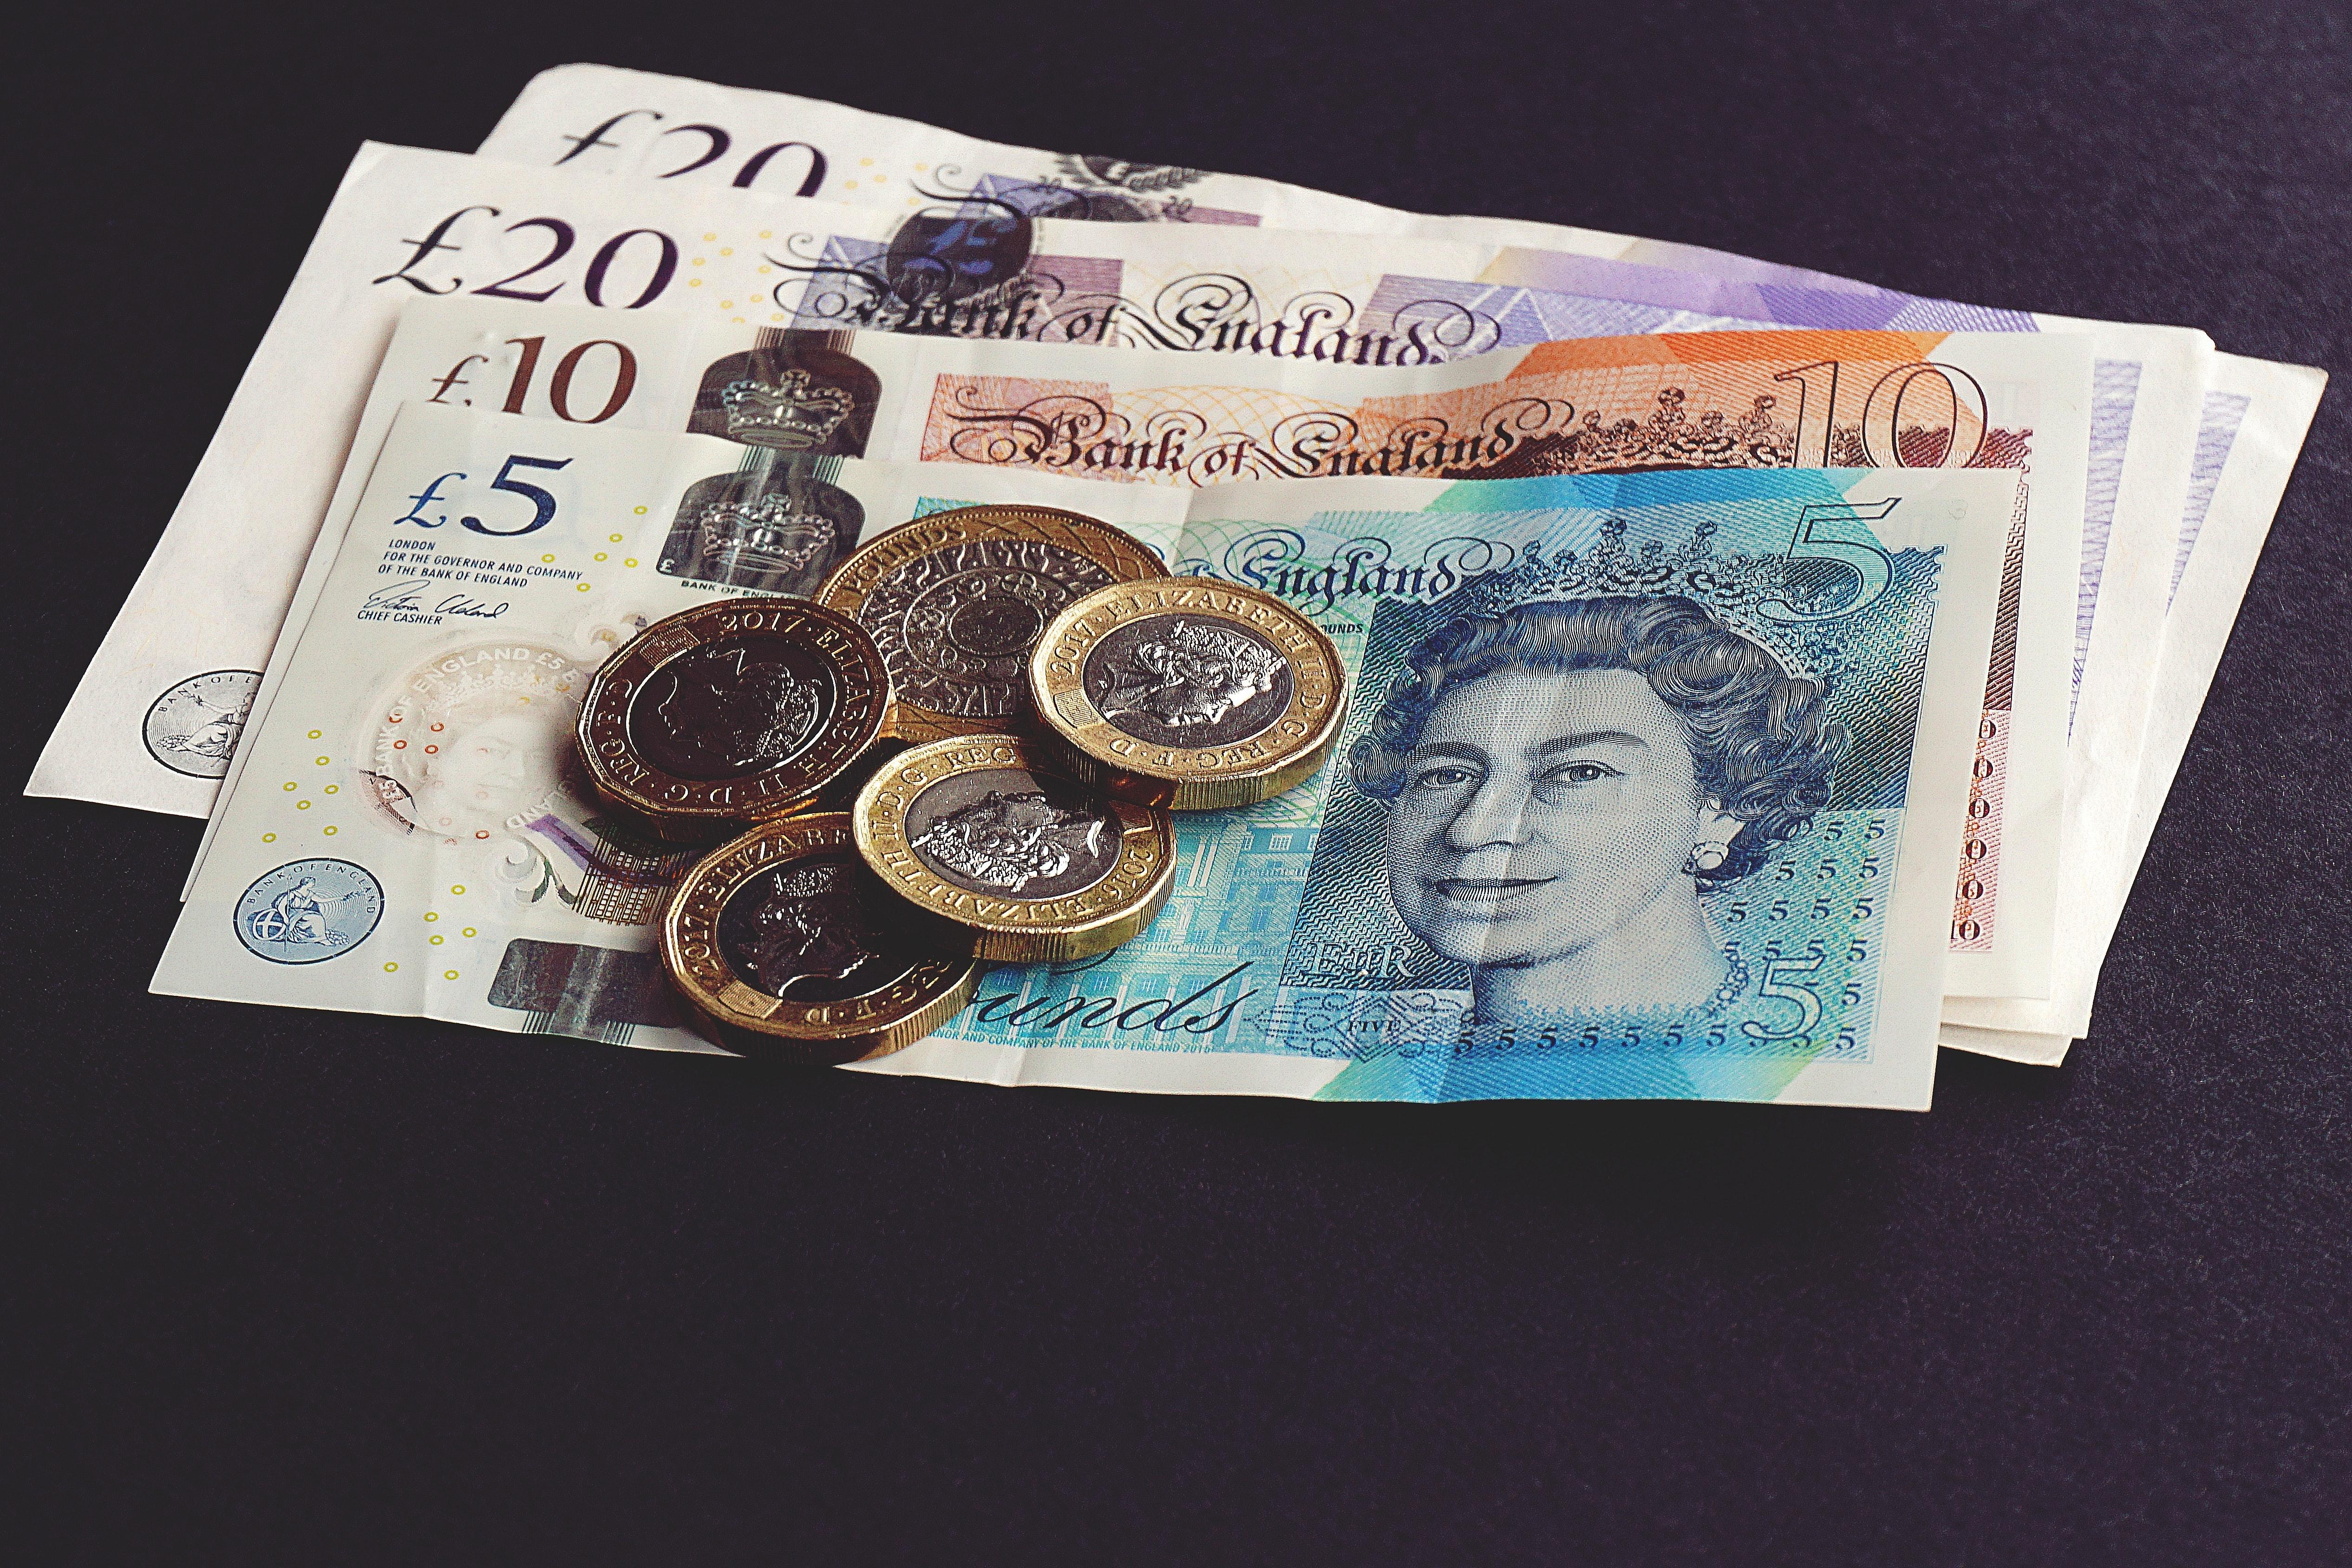 bank-notes-cash-coins-1791583